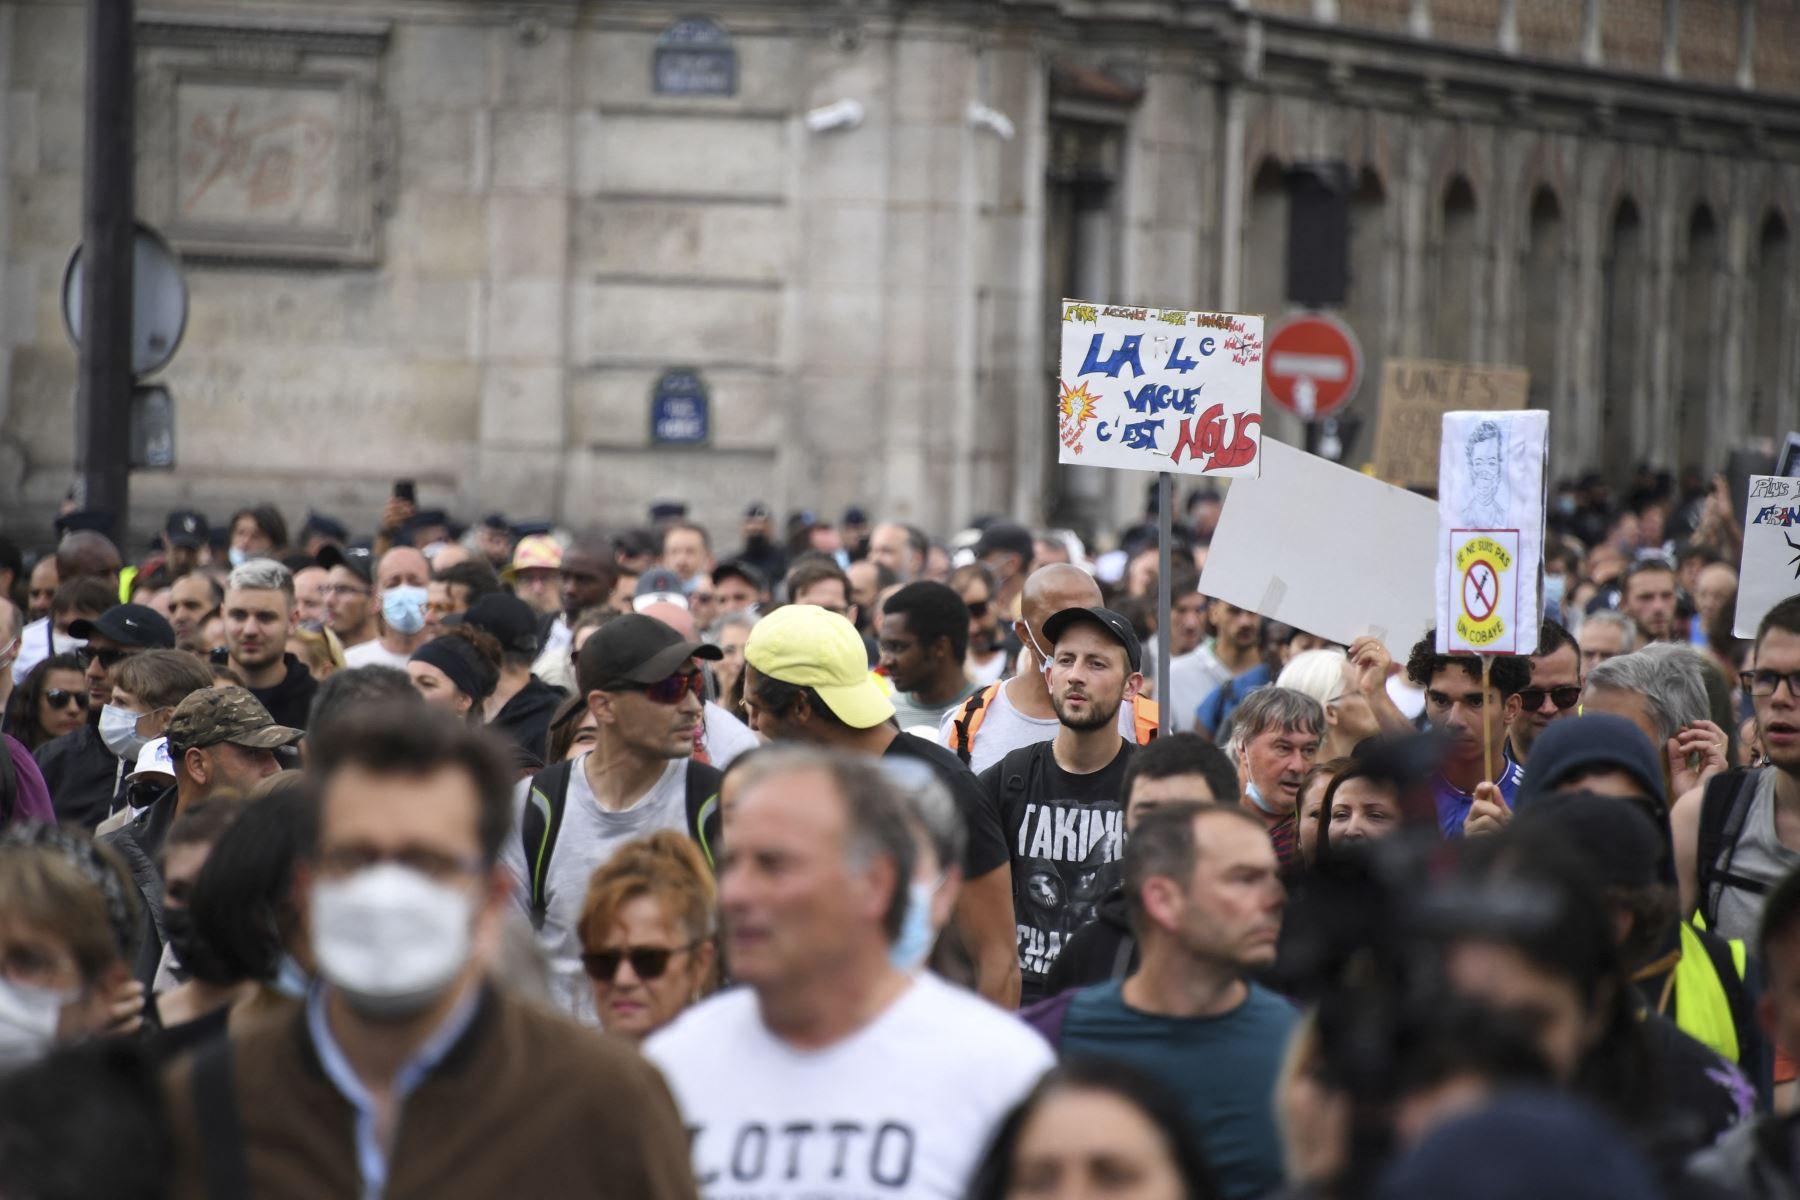 Los manifestantes sostienen pancartas y carteles en contra de la vacunación obligatoria de covid-19, en París, Francia. Foto: AFP